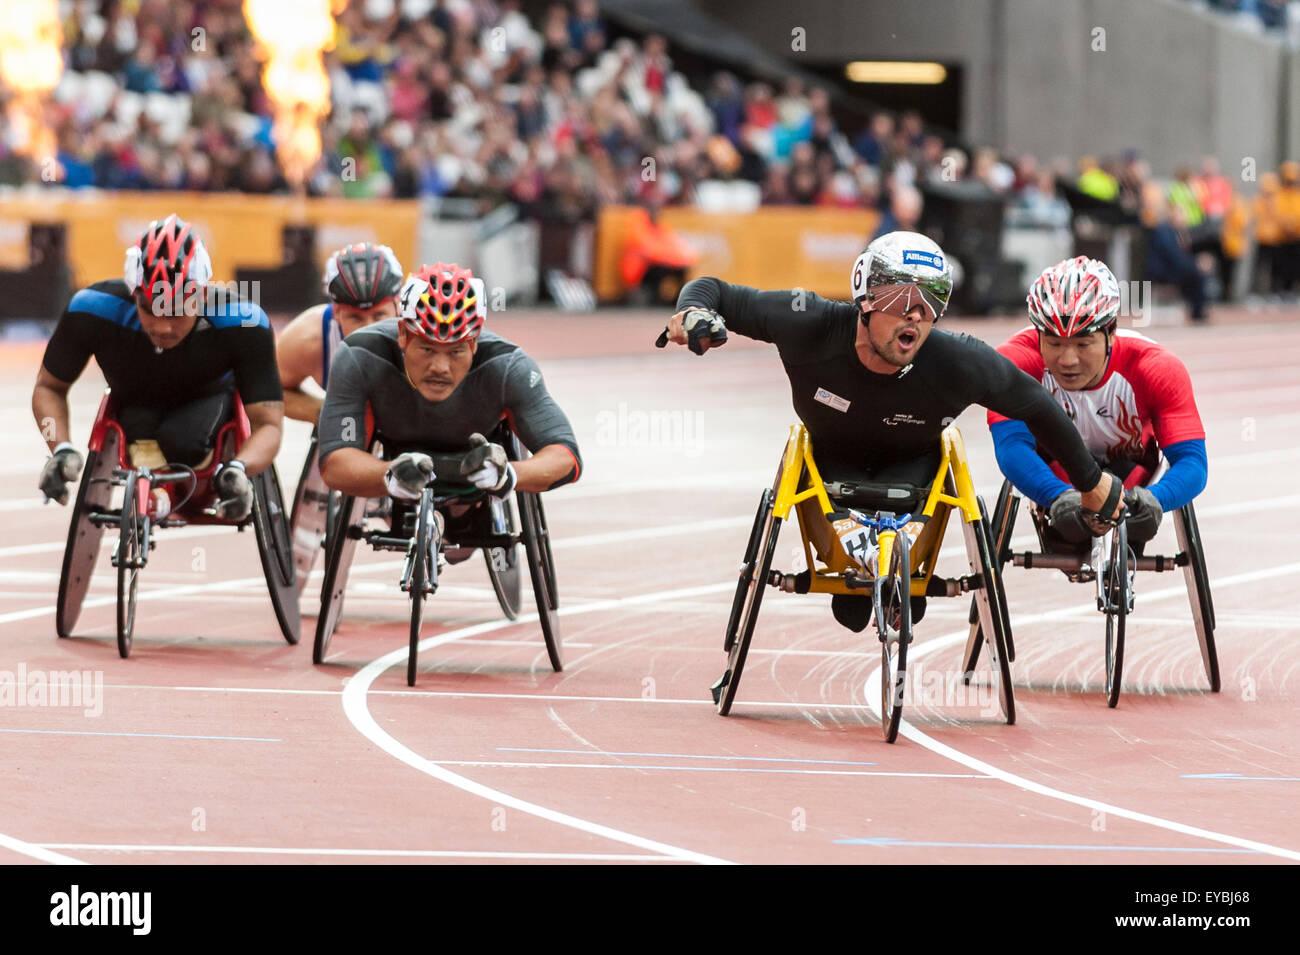 Londres, Reino Unido. El 26 de julio de 2015. Marcel Hug (SUI) gana la 1500m hombres - T54 en un tiempo de 3:04:15 Imagen De Stock